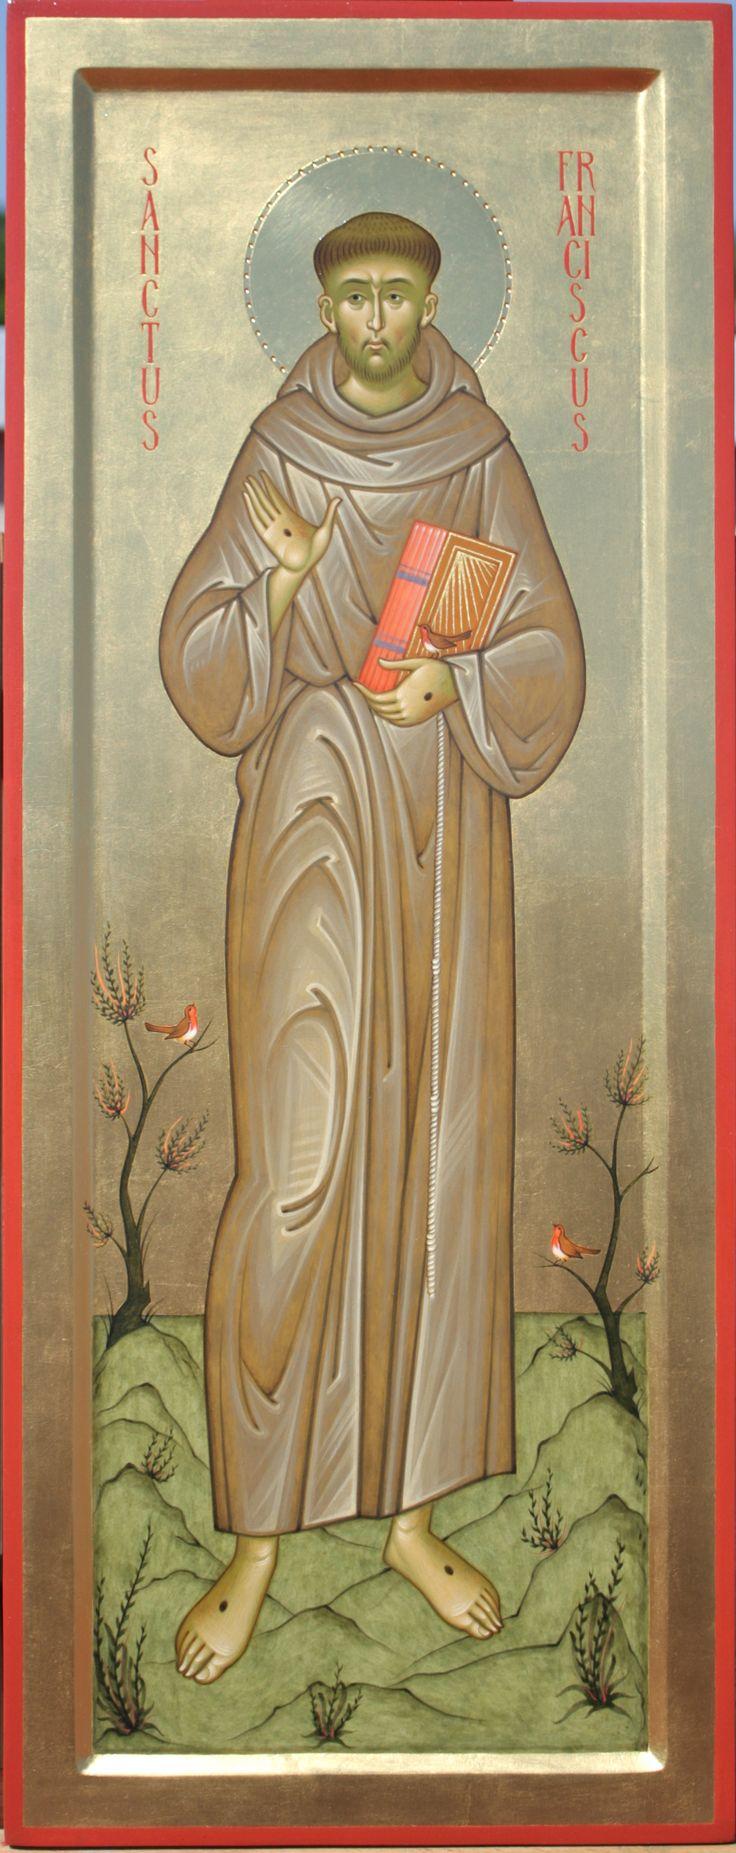 ..Καθολική εκκλ.___Αγ.Φραγκίσκος της Ασίζης (1182 – 3 Οκτωβρίου 1226) _oct 4